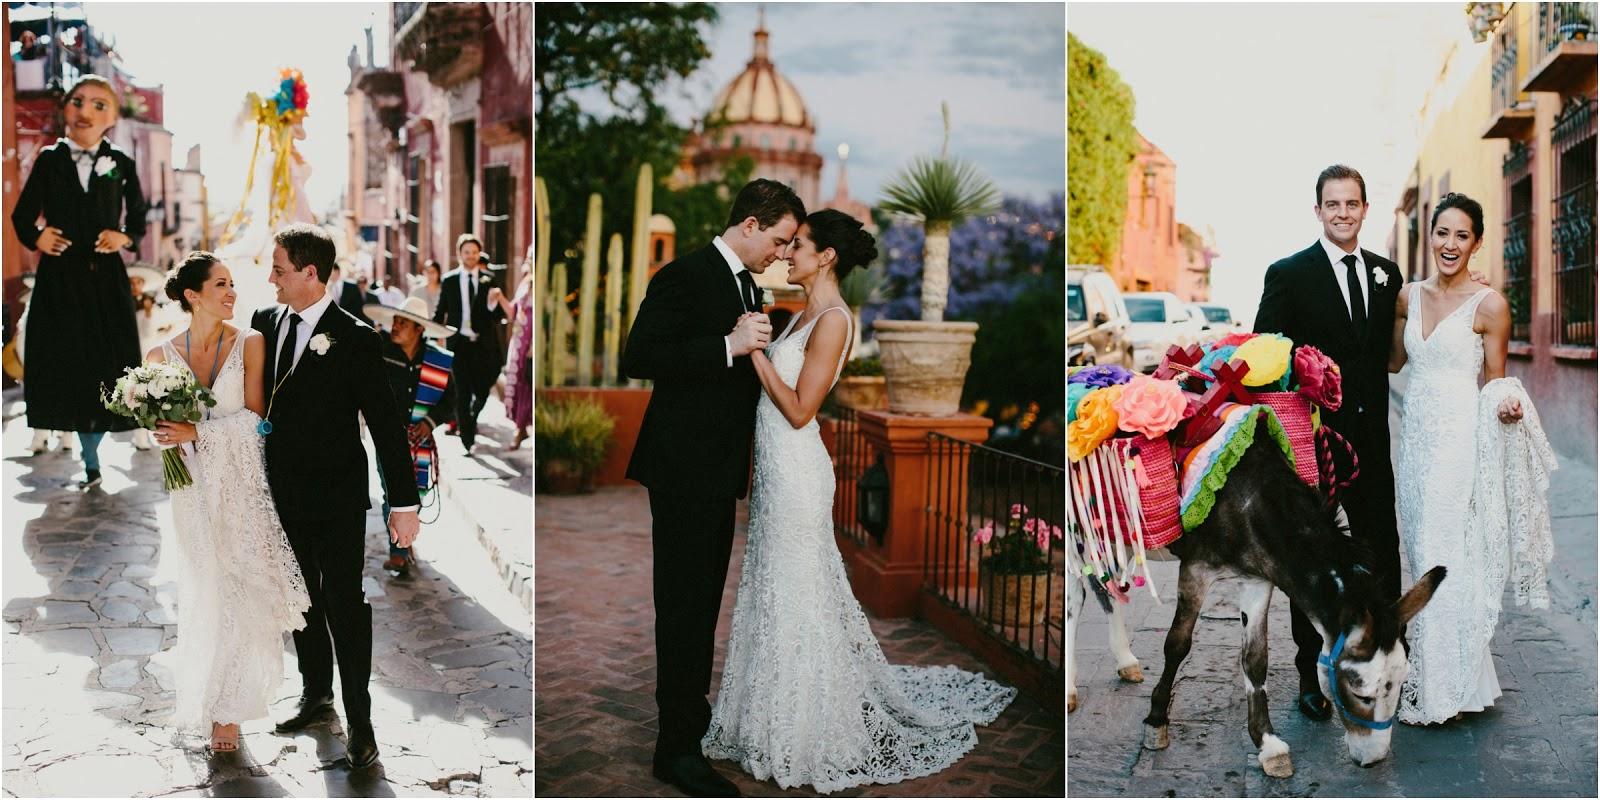 San Miguel de Allende Guadalajara Mexico Wedding Parade Tequilla